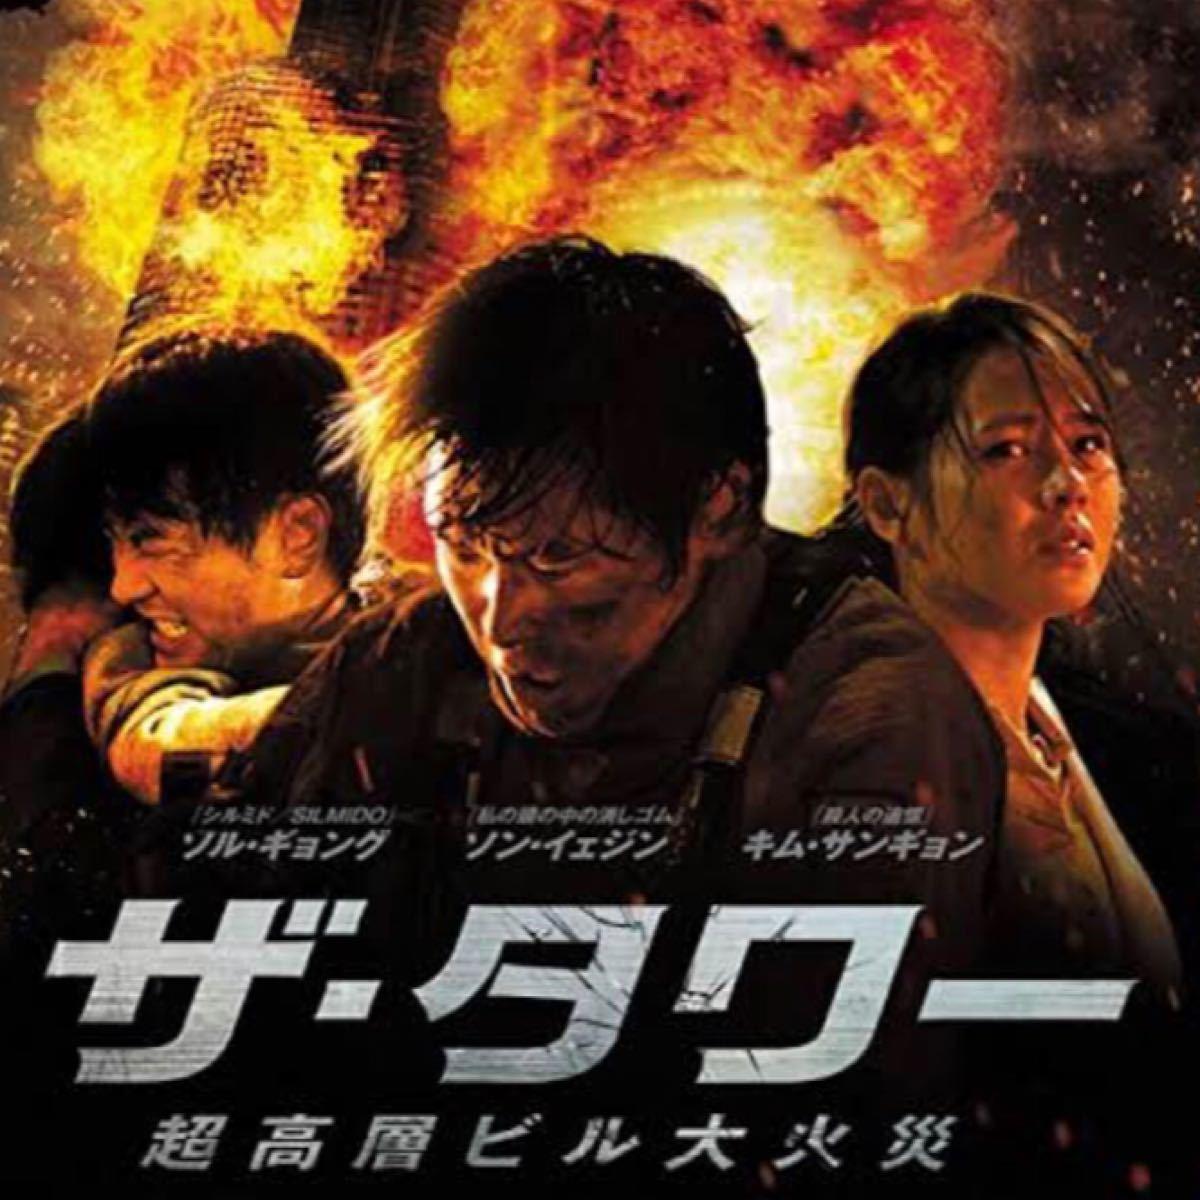 韓国映画  ザ・タワー  ソン・イェジン  キム・サンギョン  ソル・ギョング  DVD  日本語吹替有り  レーベル有り